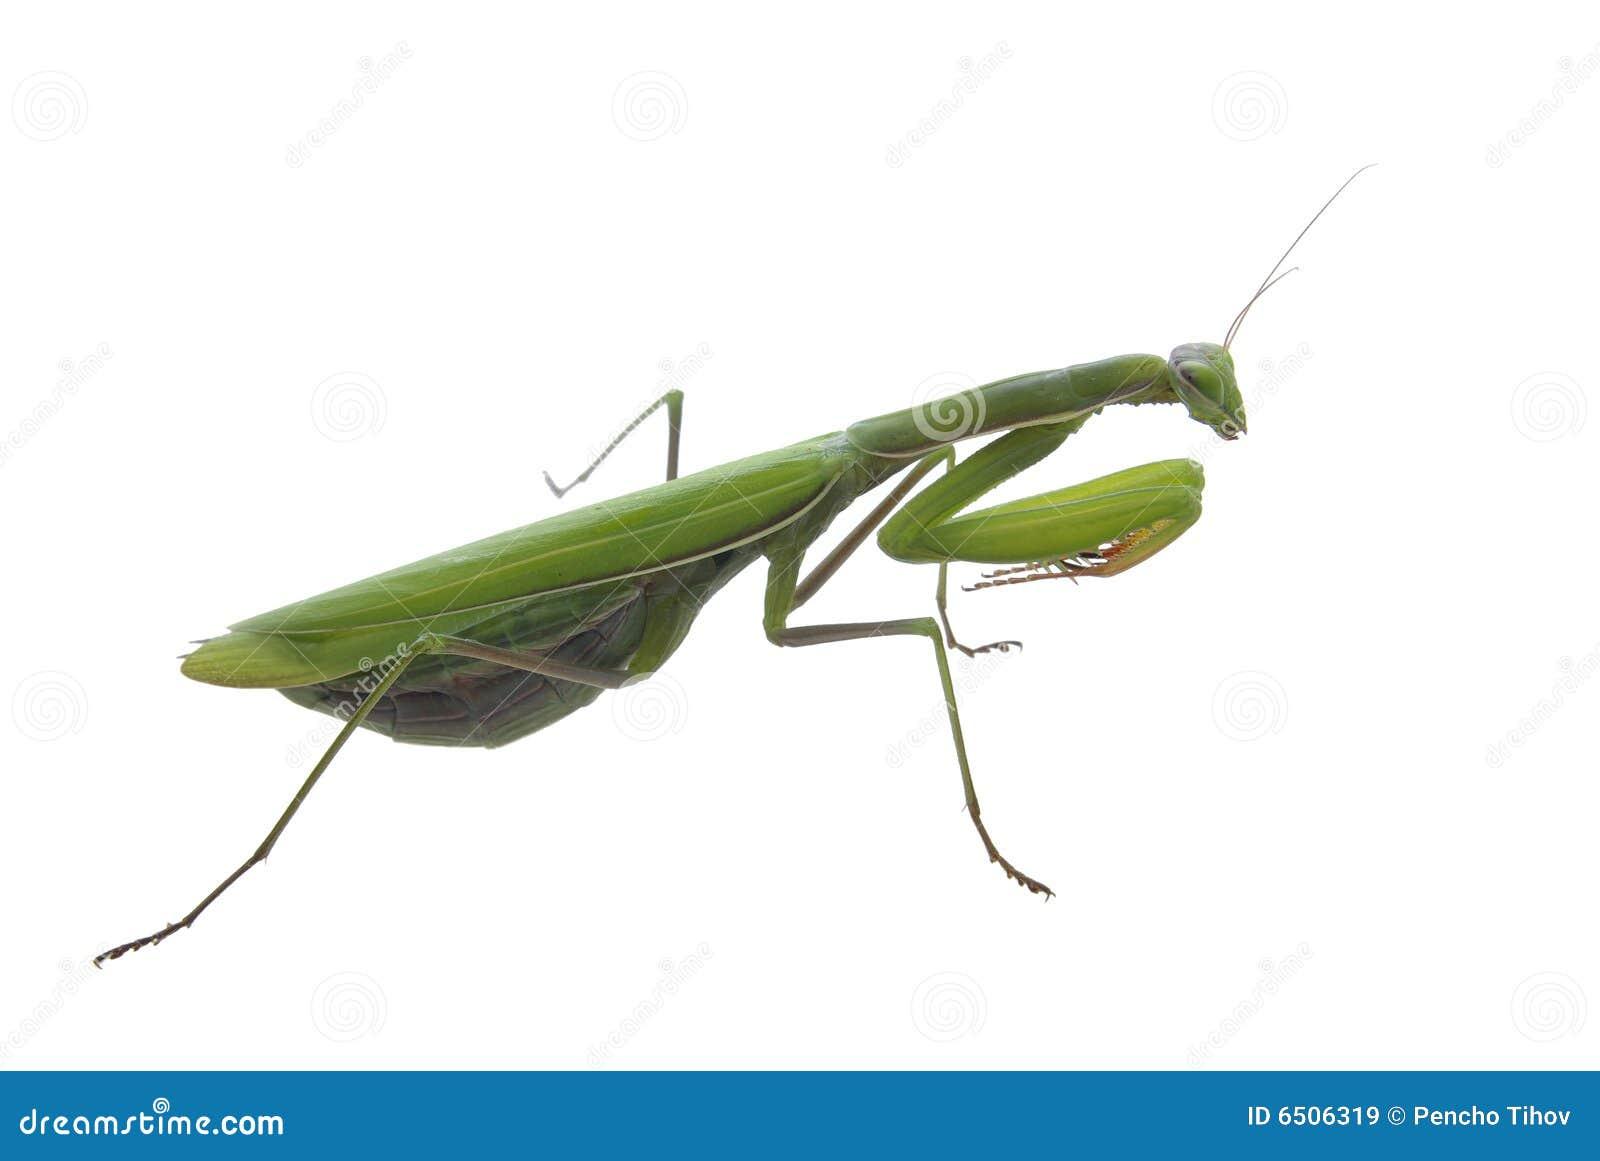 Praying Mantis Anatomy